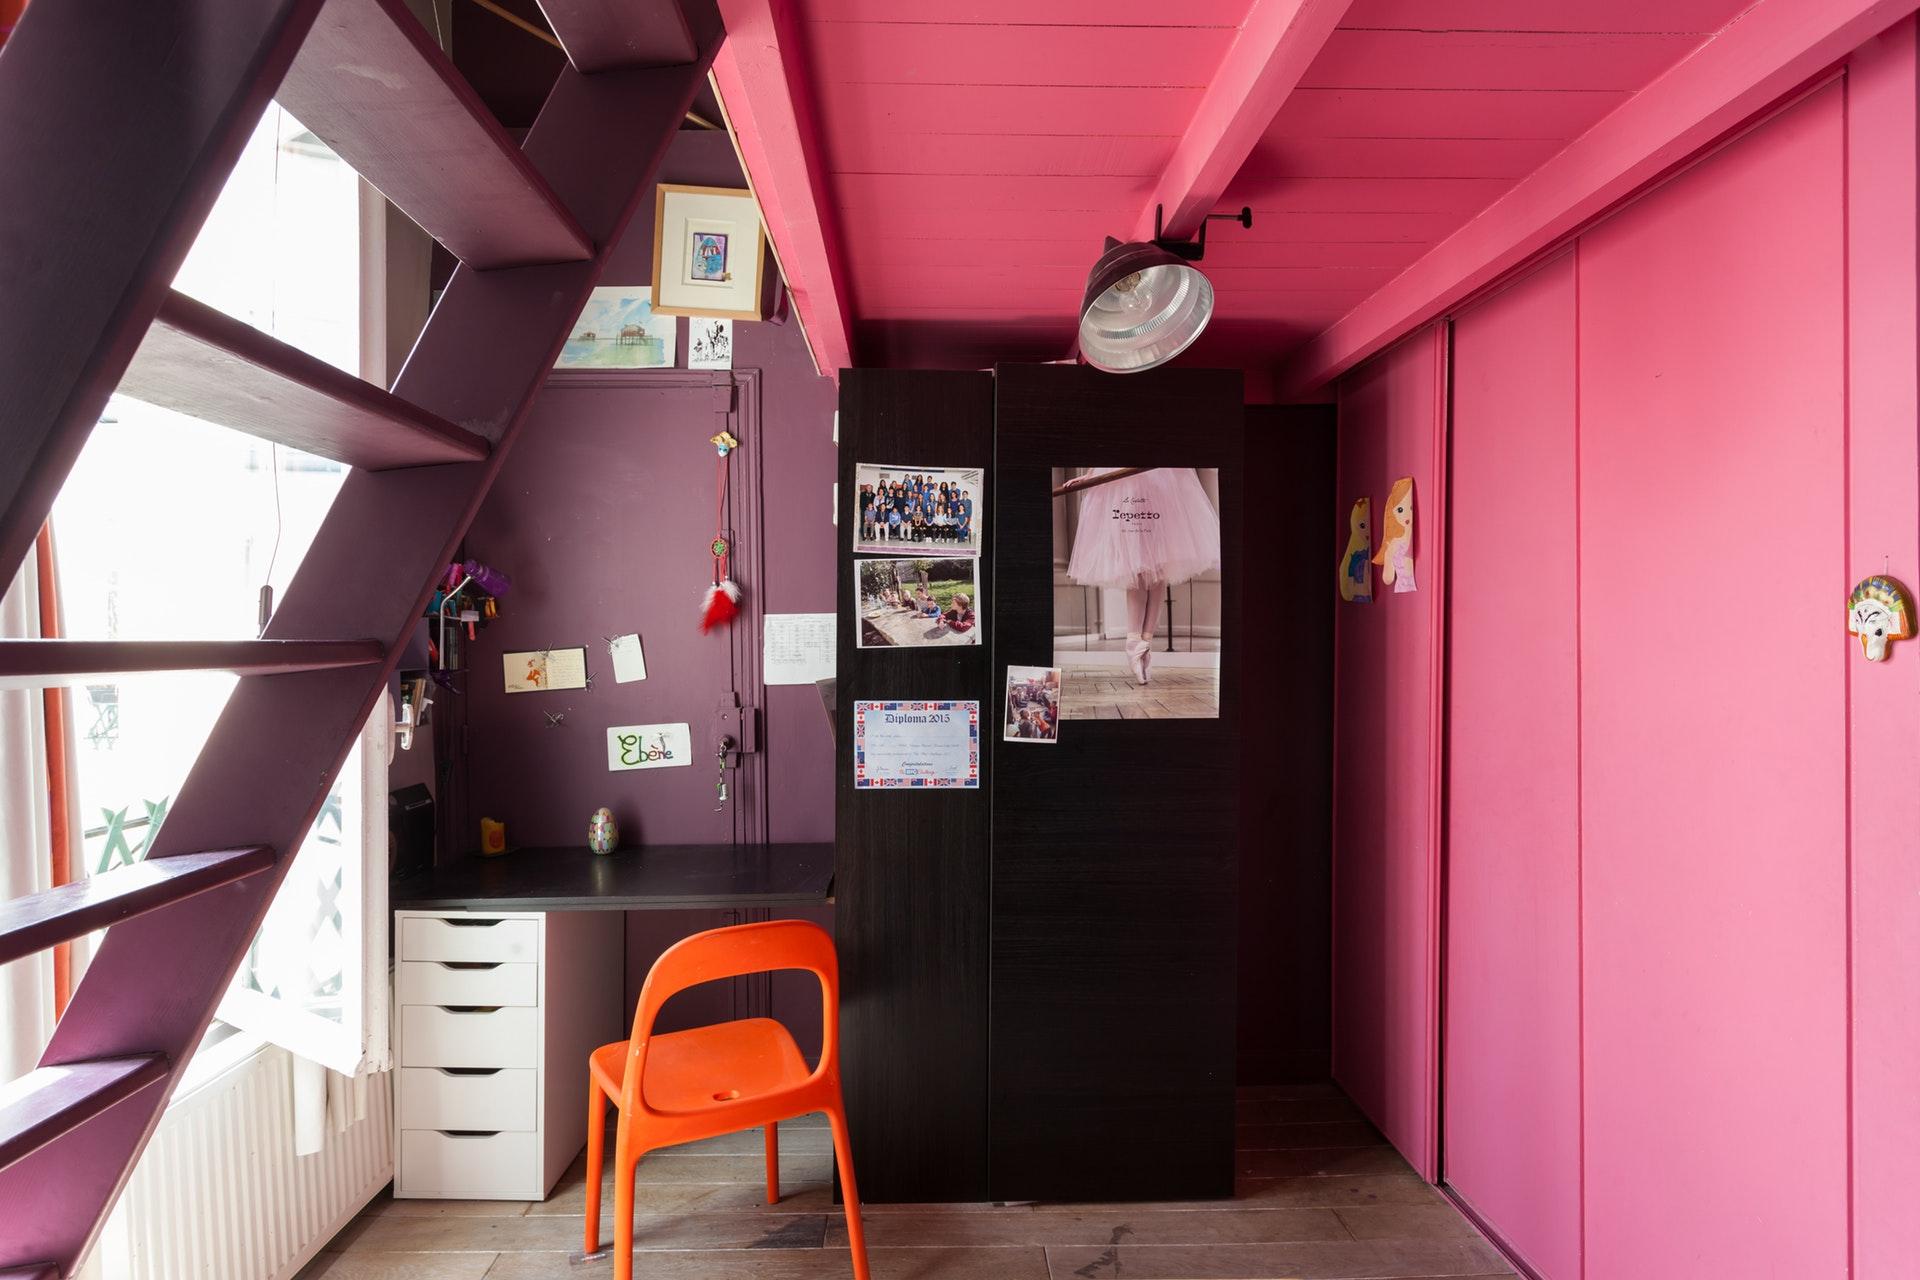 детская комната встроенный шкаф стол антресоли лестница